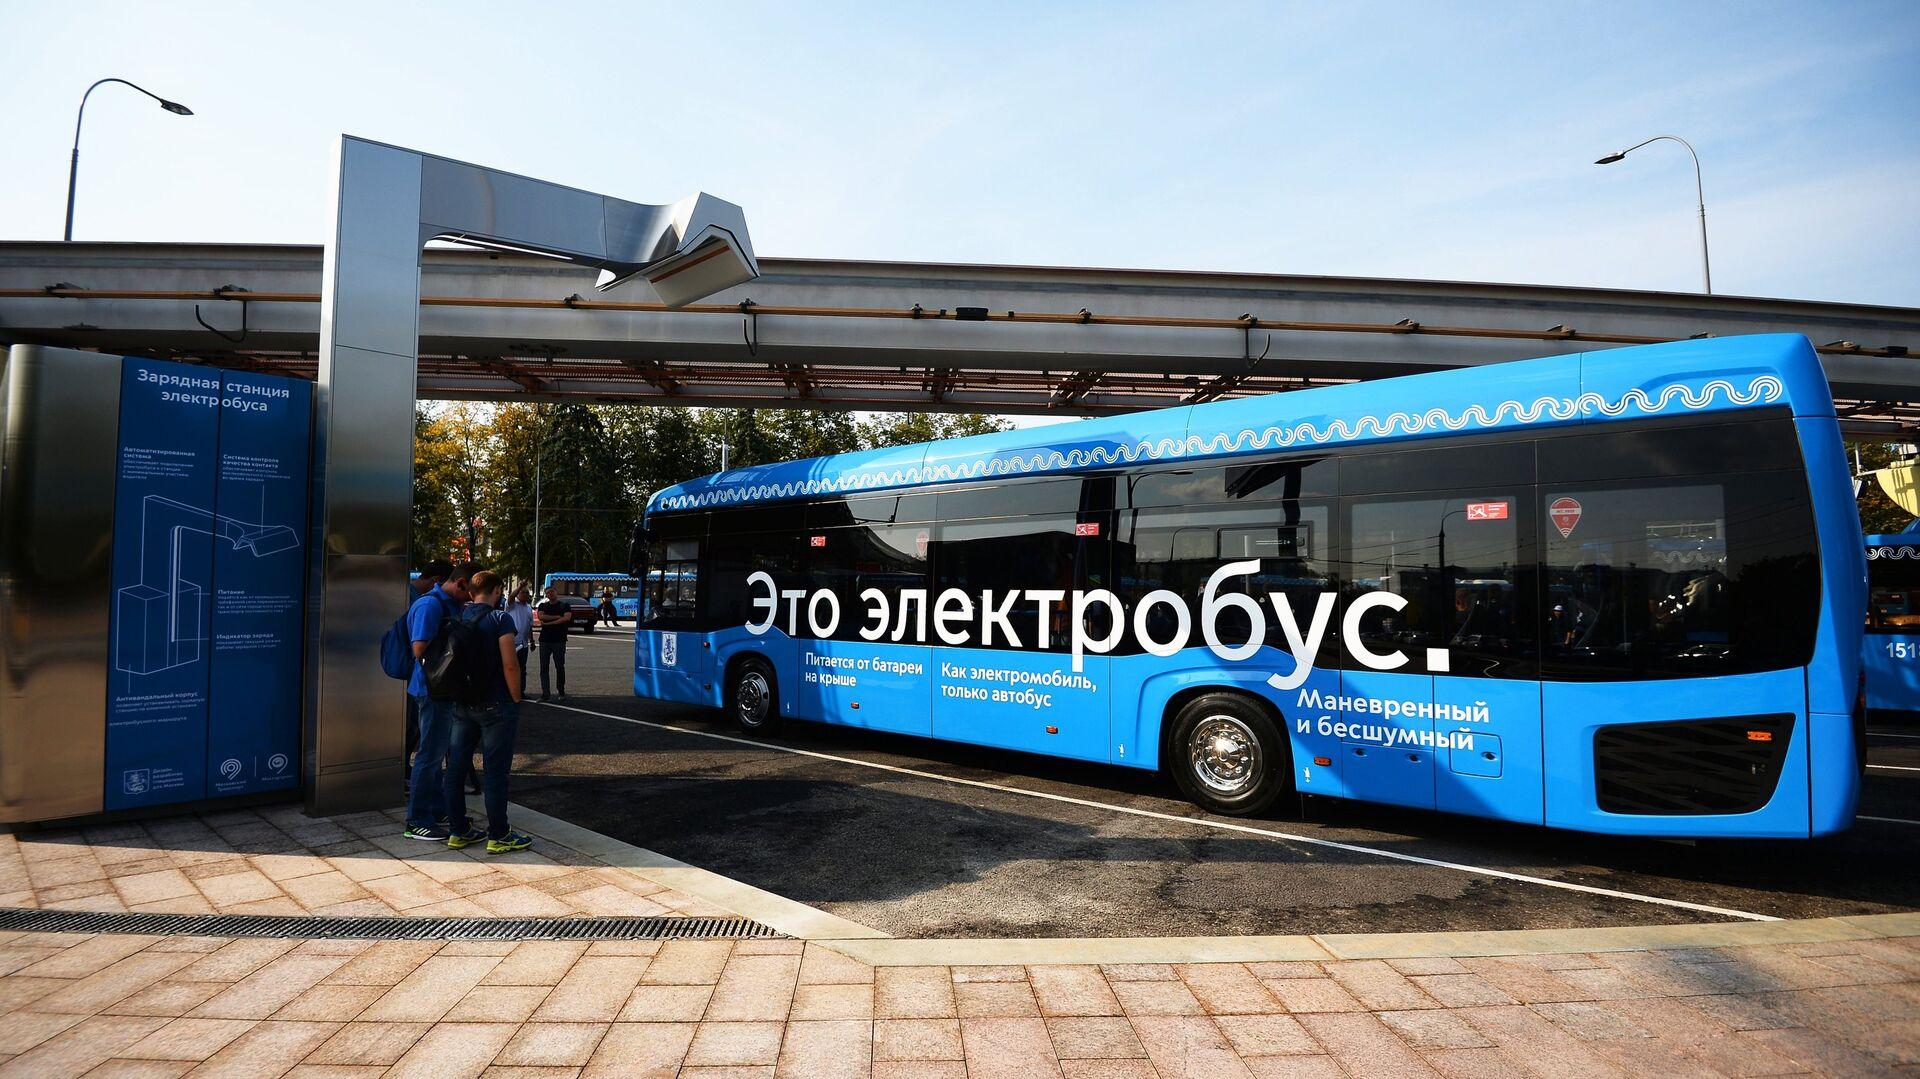 Станция зарядки пассажирского электробуса в Москве - РИА Новости, 1920, 22.07.2020